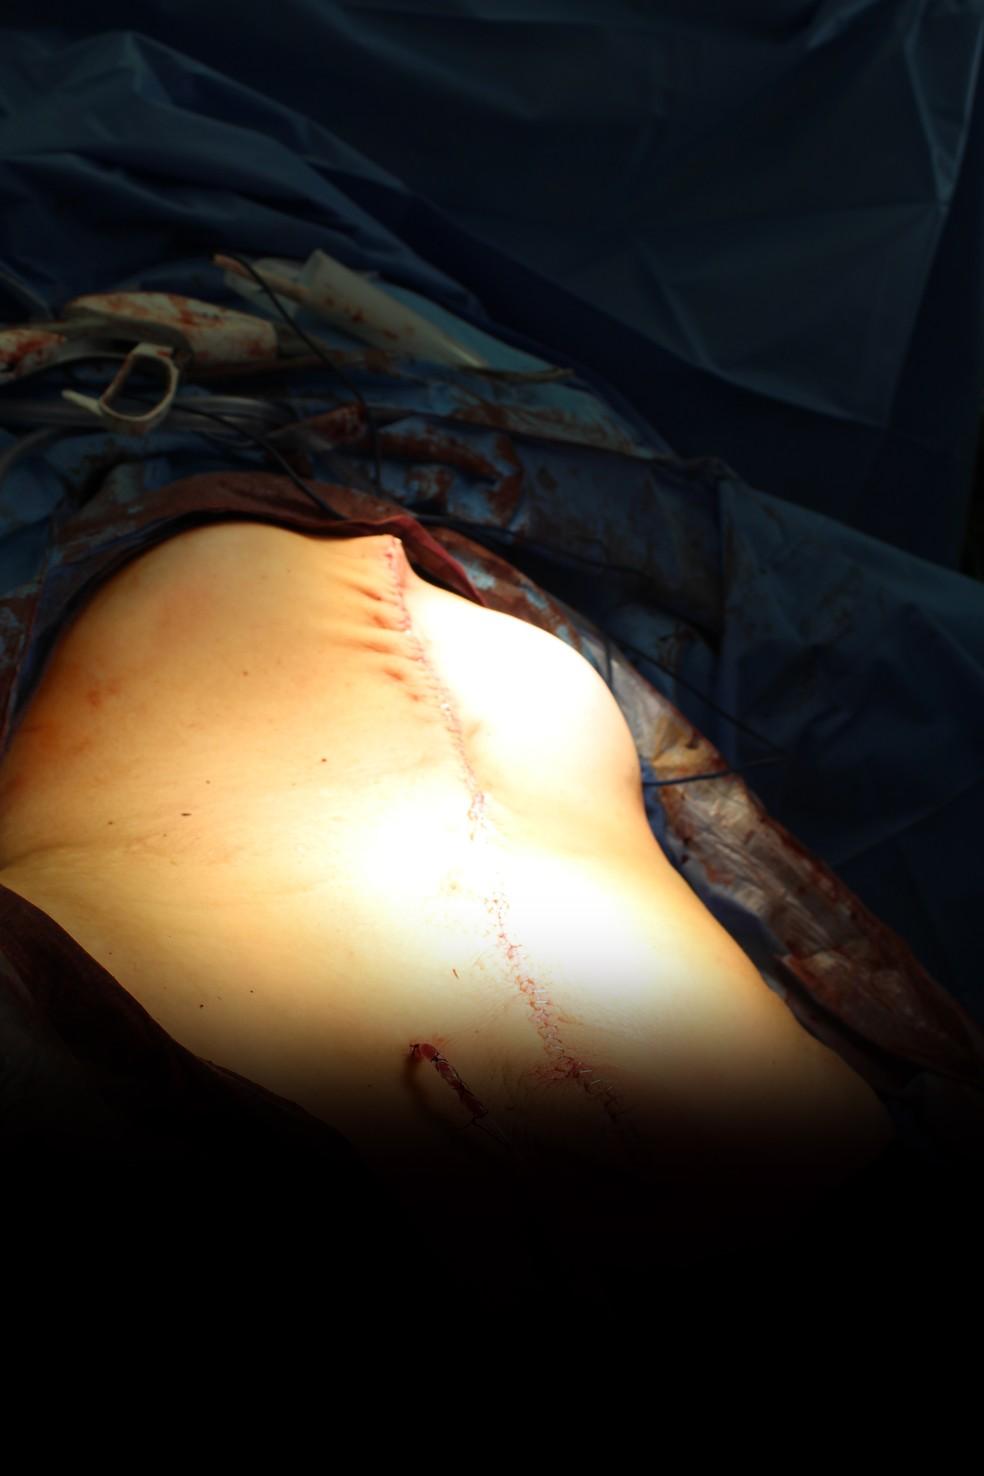 Barriga da paciente após a remoção do tumor ovariano de 60kg nos Estados Unidos (Foto: Danbury Hospital, Danbury, CT, USA)